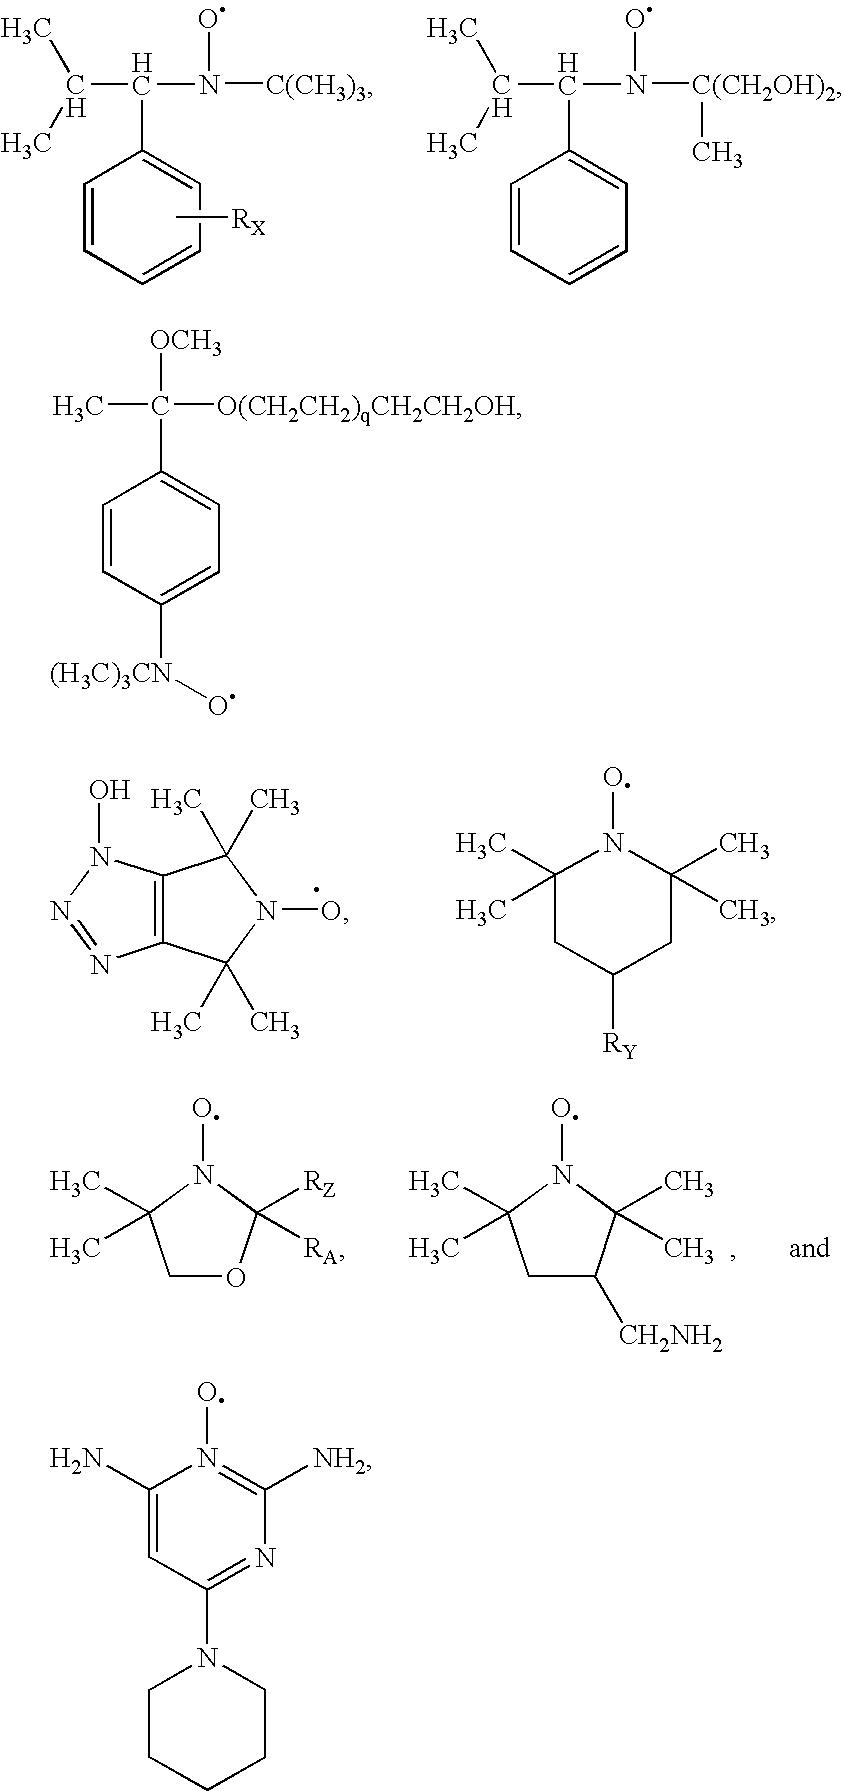 Figure US20080014245A1-20080117-C00057